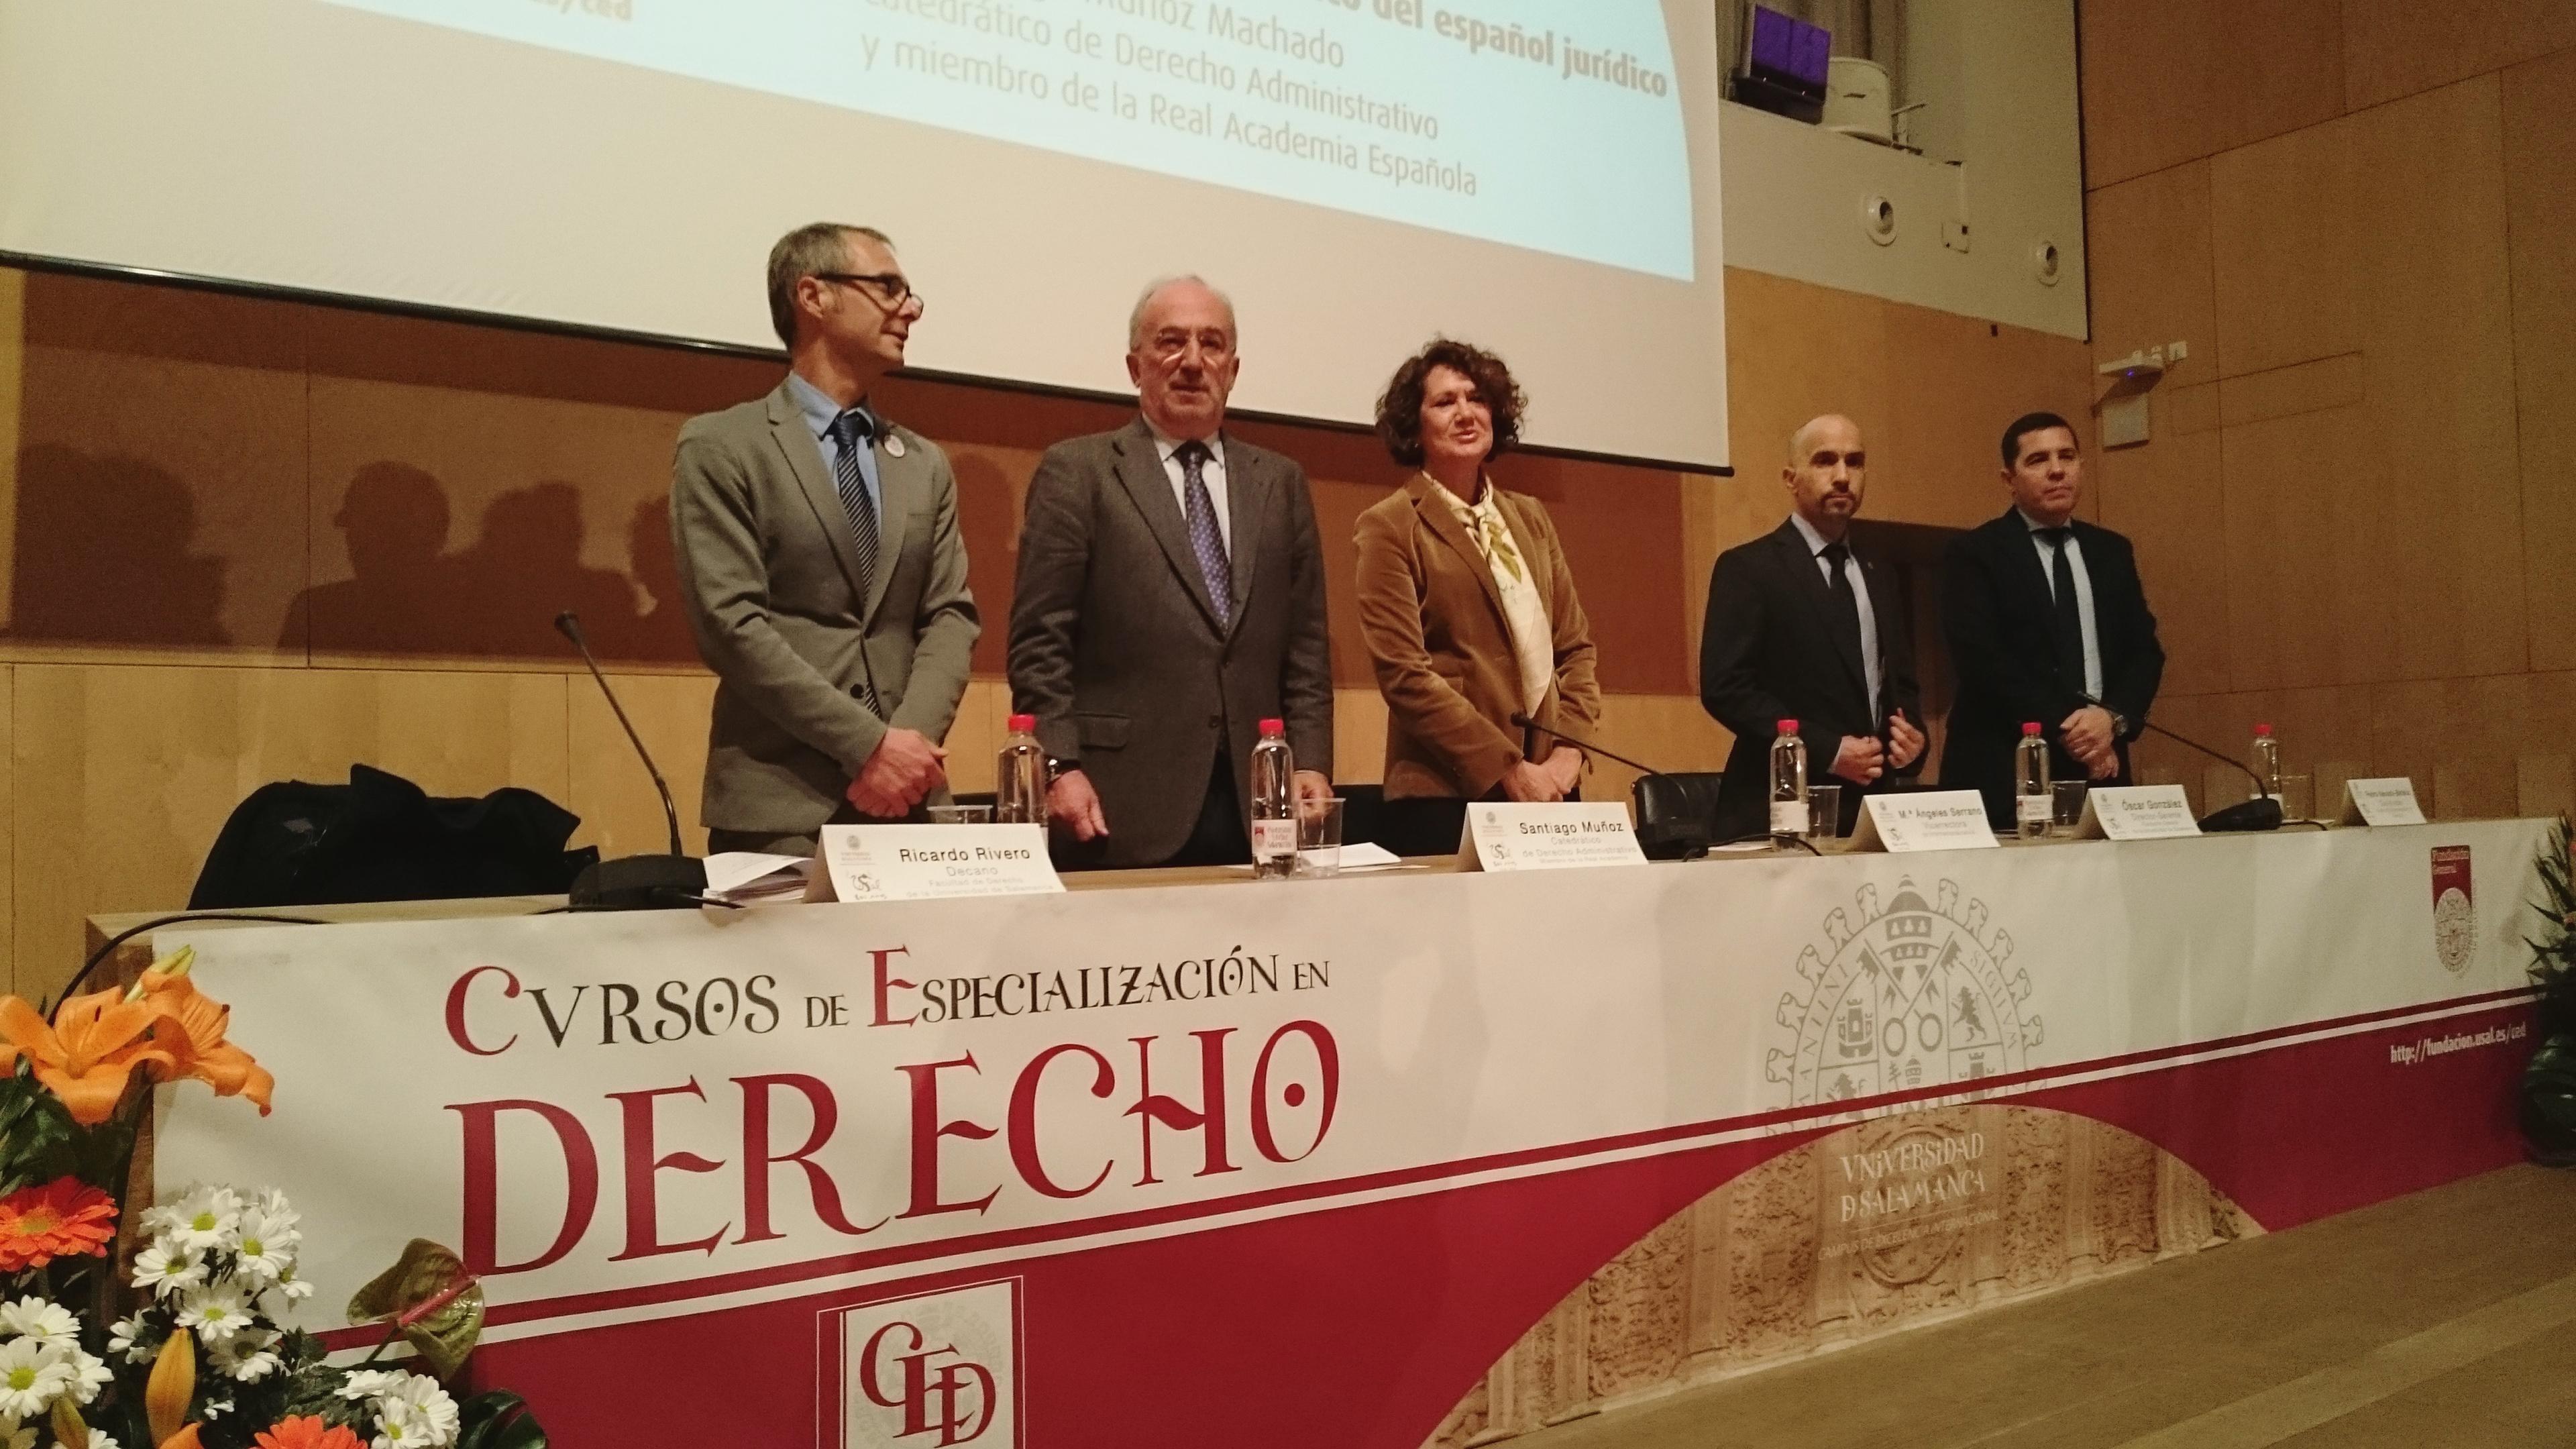 La vicerrectora de Internacionalización y el director de la Fundación General inauguran la 40ª edición de los Cursos de Especialización en Derecho de la Universidad de Salamanca